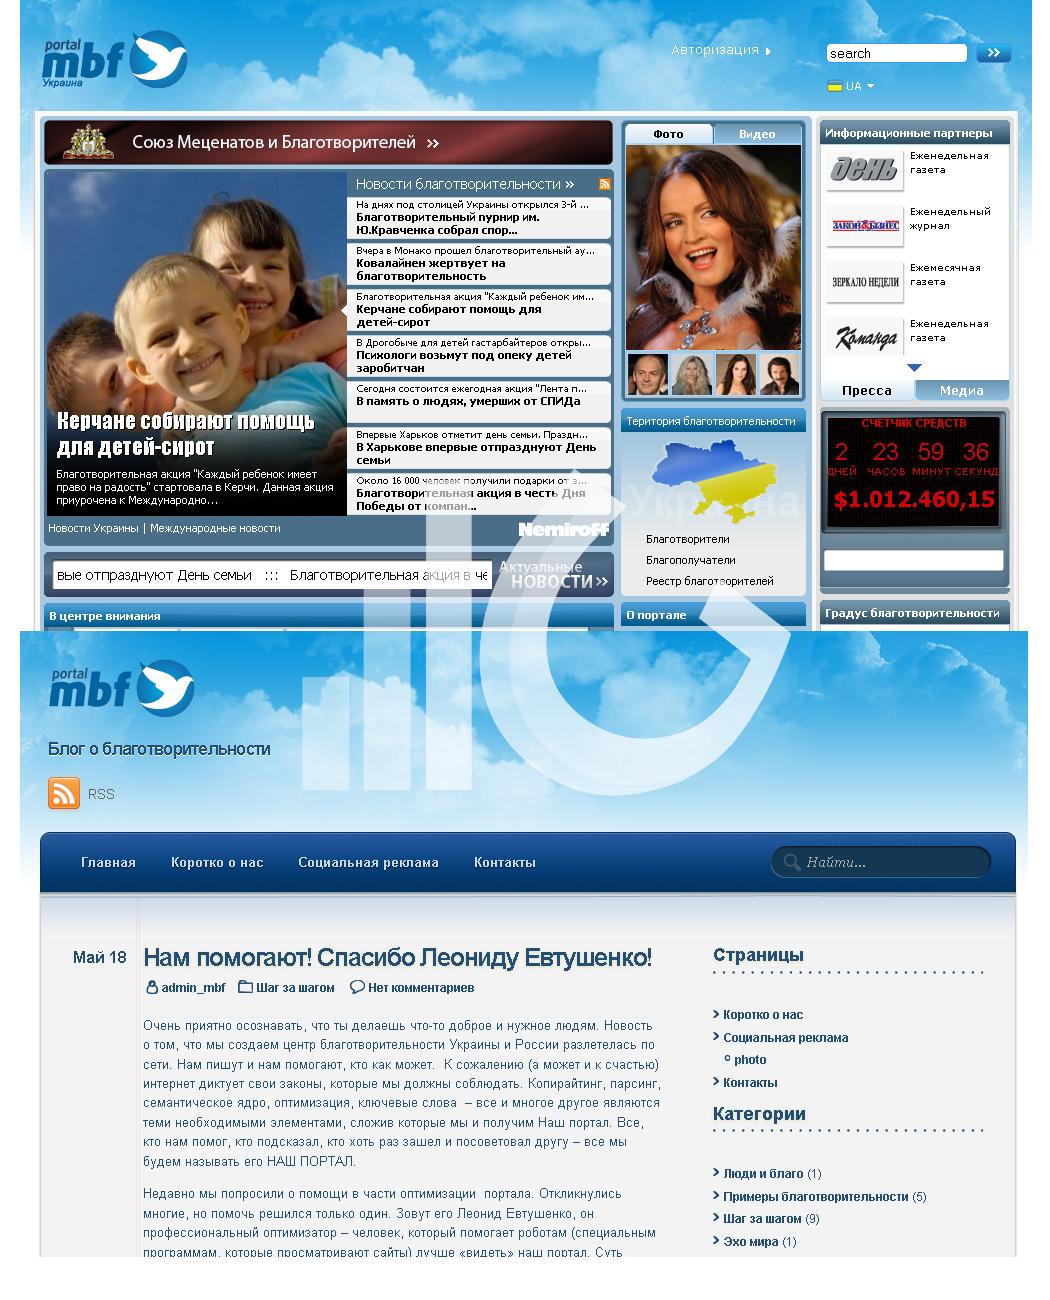 MBF portal портал о благотворительности